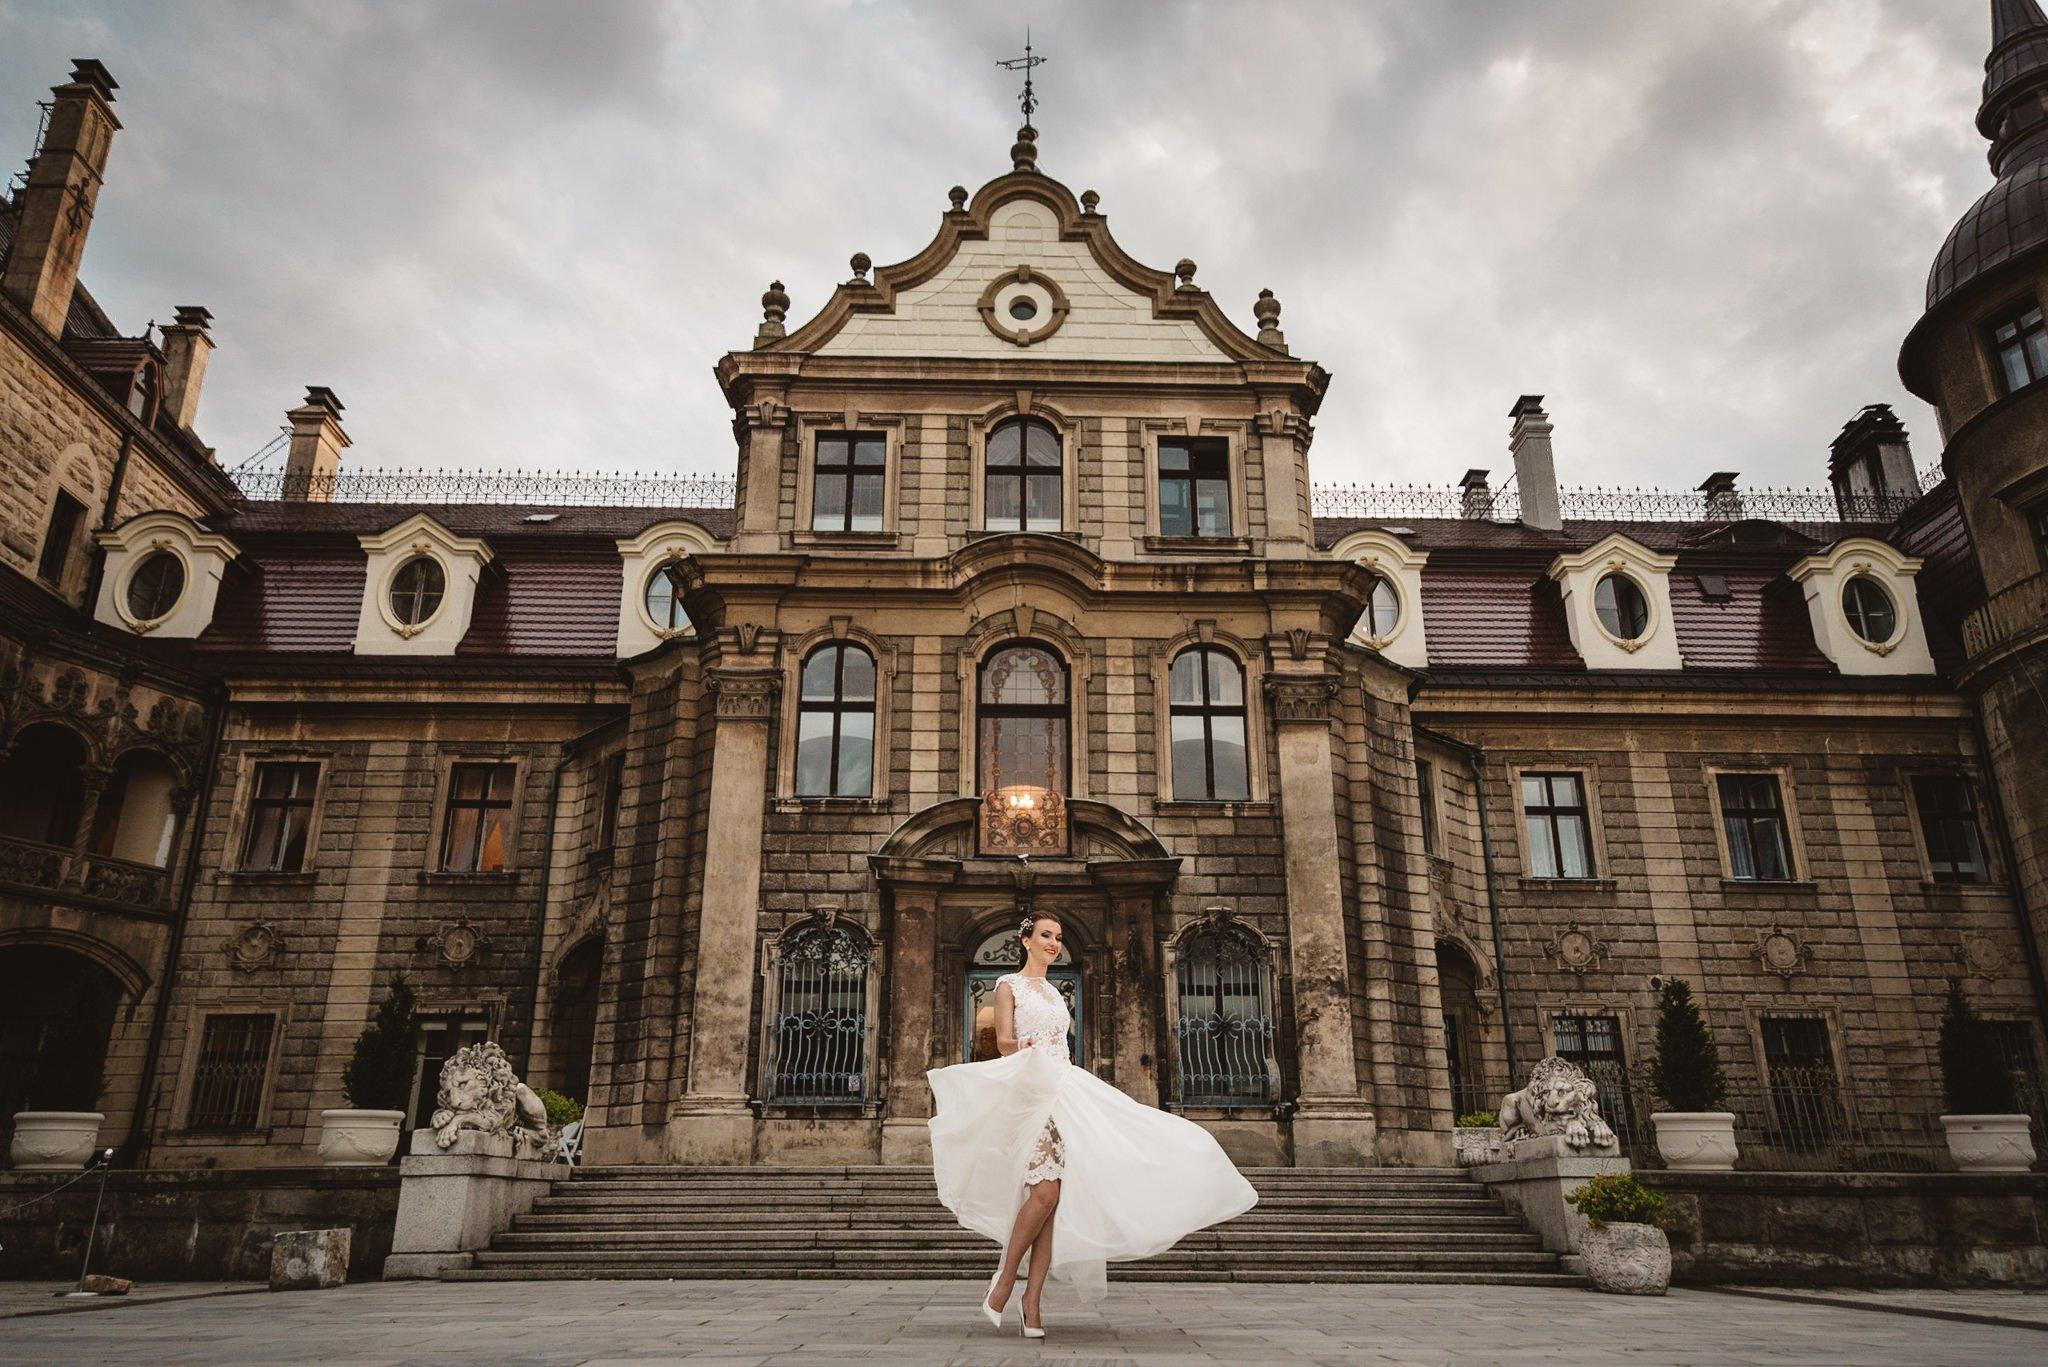 zamek Moszna, piękna sesja ślubna, piękna sesja plenerowa, kreatywna sesja plenerowa, sesja pałacowa, sesja zamkowa, artystyczna sesja ślubna